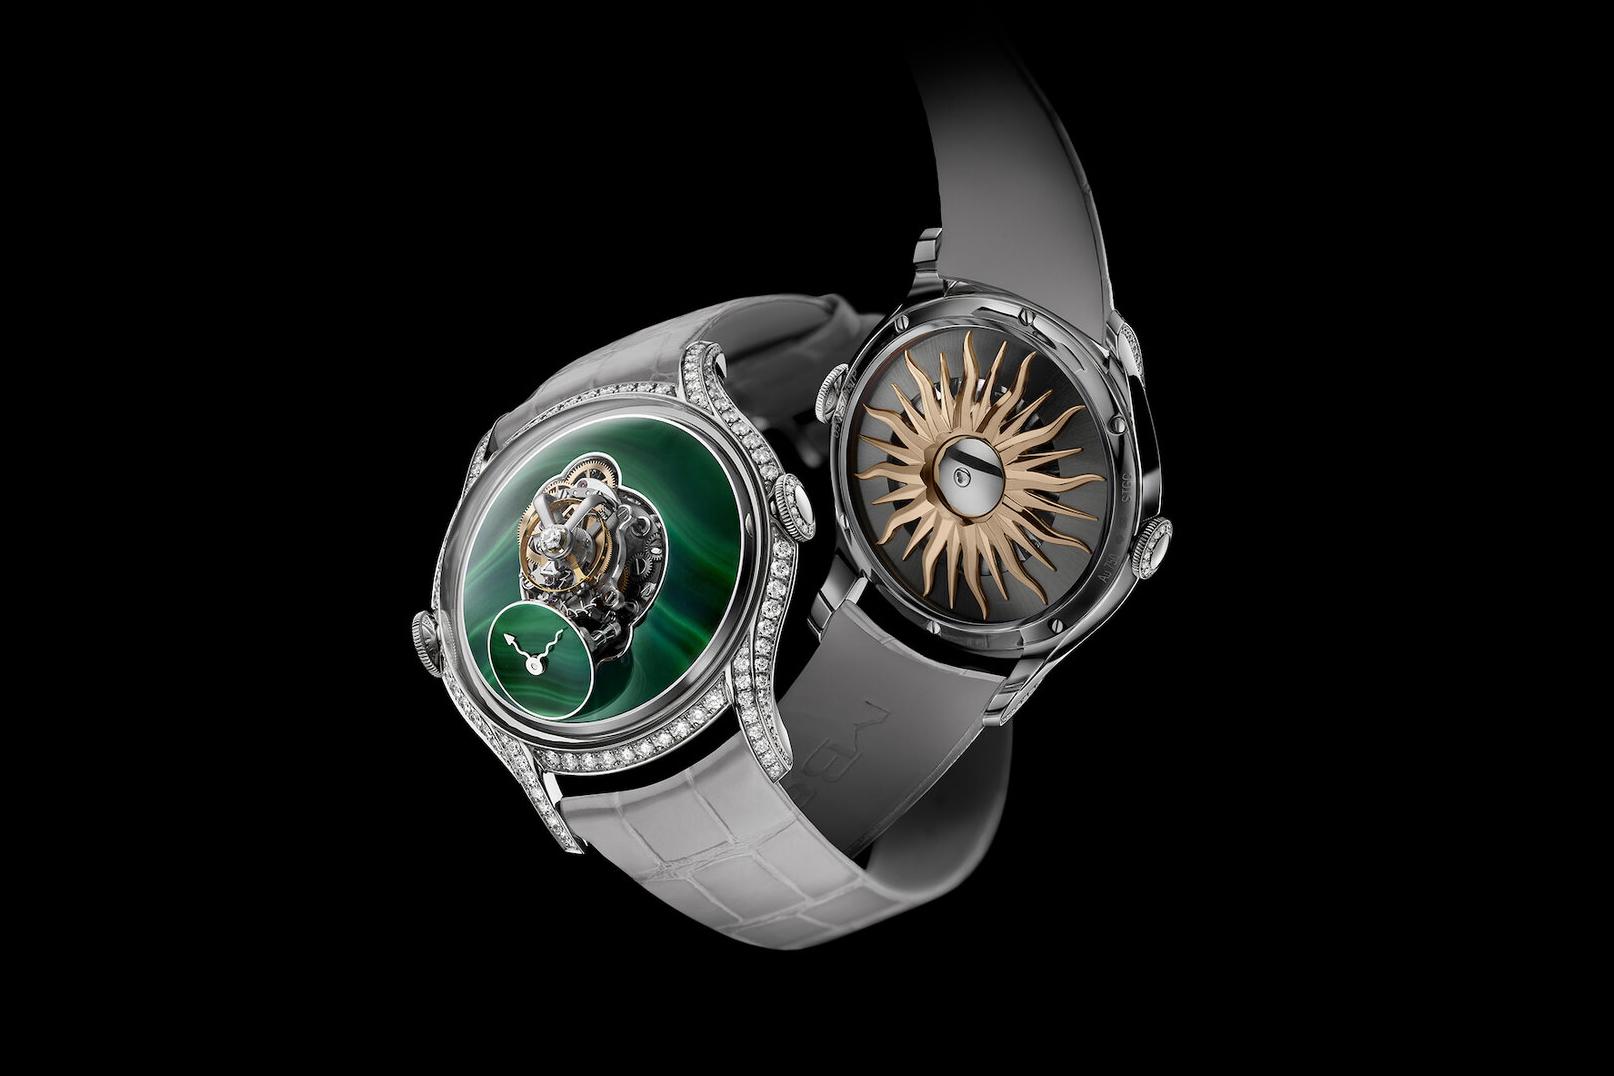 MB&F Legacy Machine FlyingT Malachite: Kiệt tác đồng hồ đeo tay với mặt số Malachite tuyệt đẹp